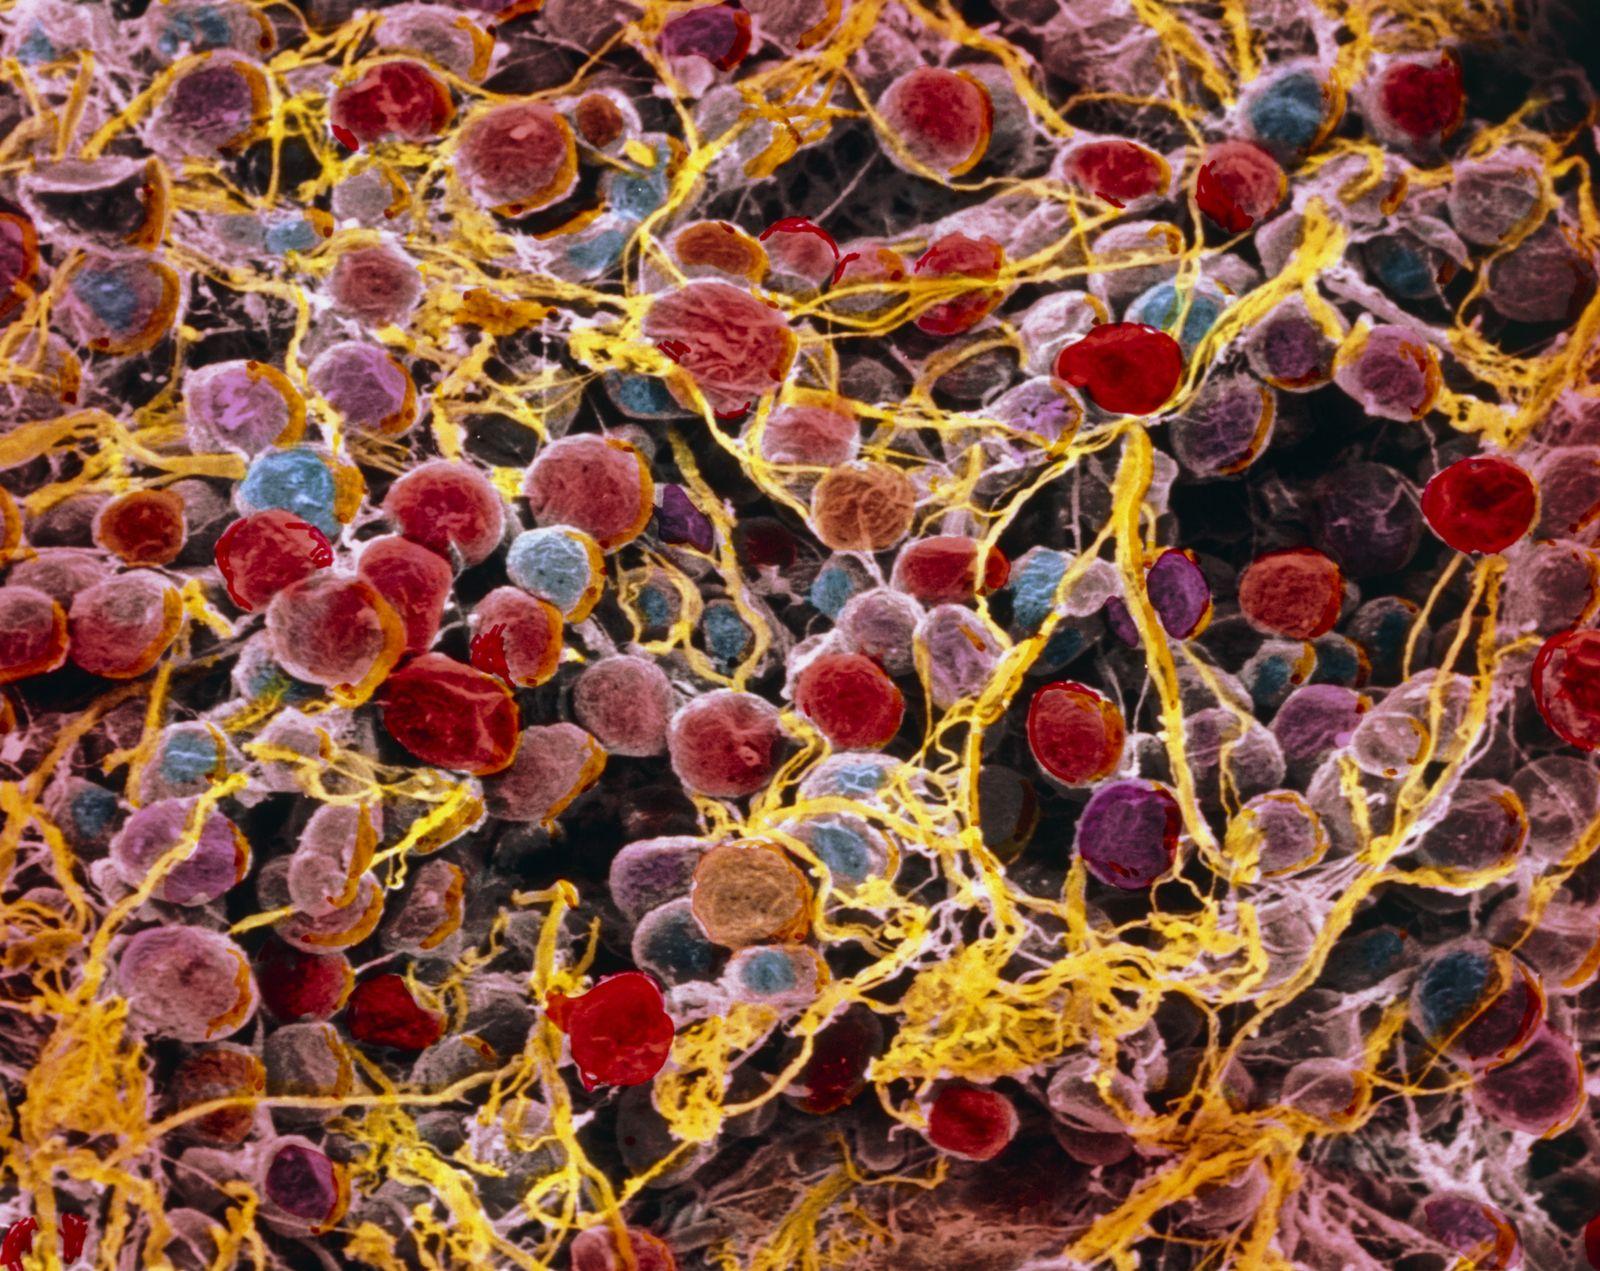 NICHT MEHR VERWENDEN! - Adipocytes/ Fettzellen